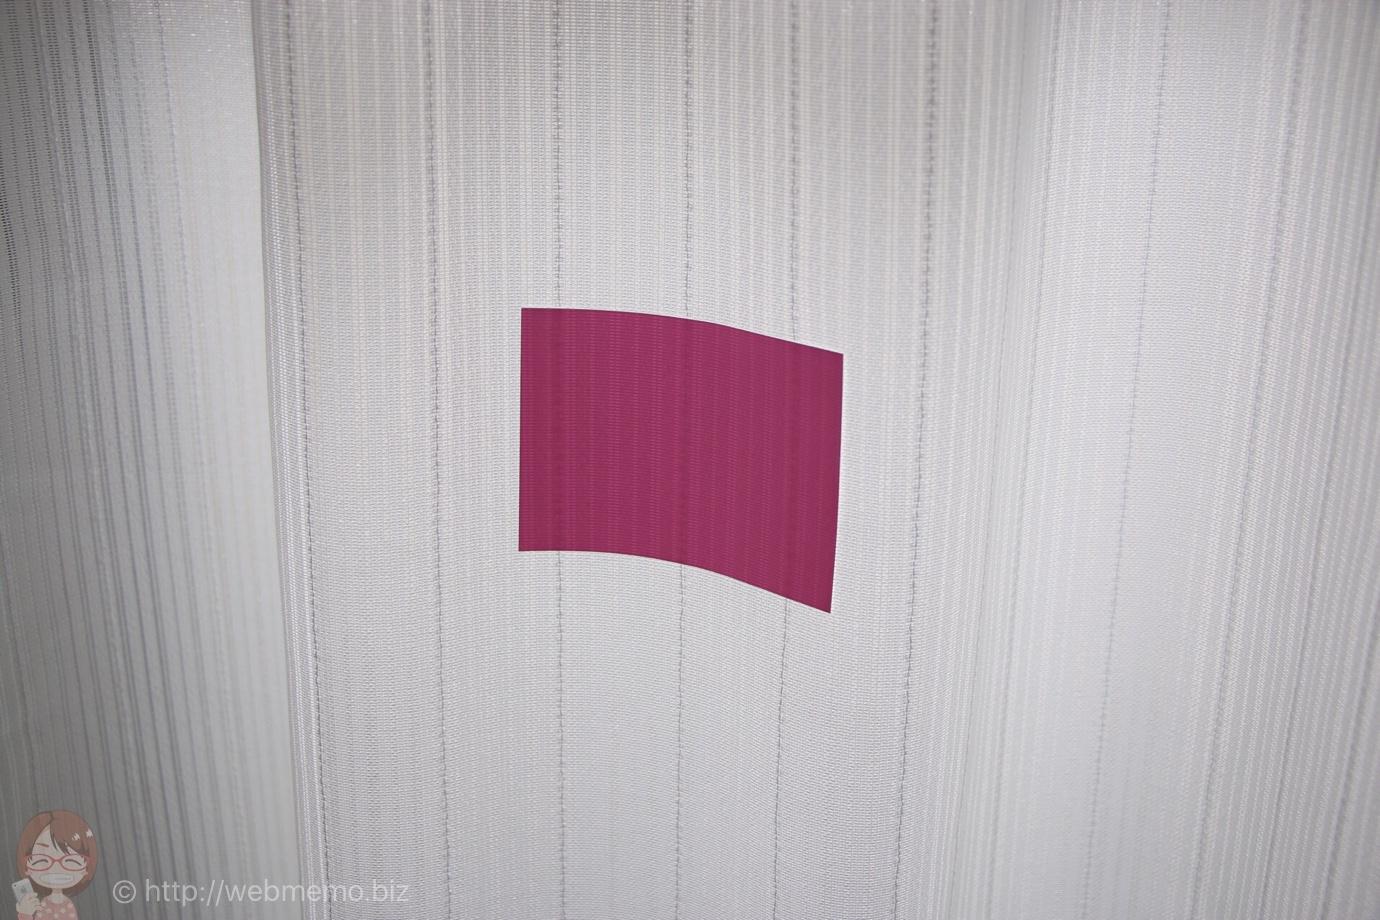 カーテンに貼り付くmagnetic NOTES